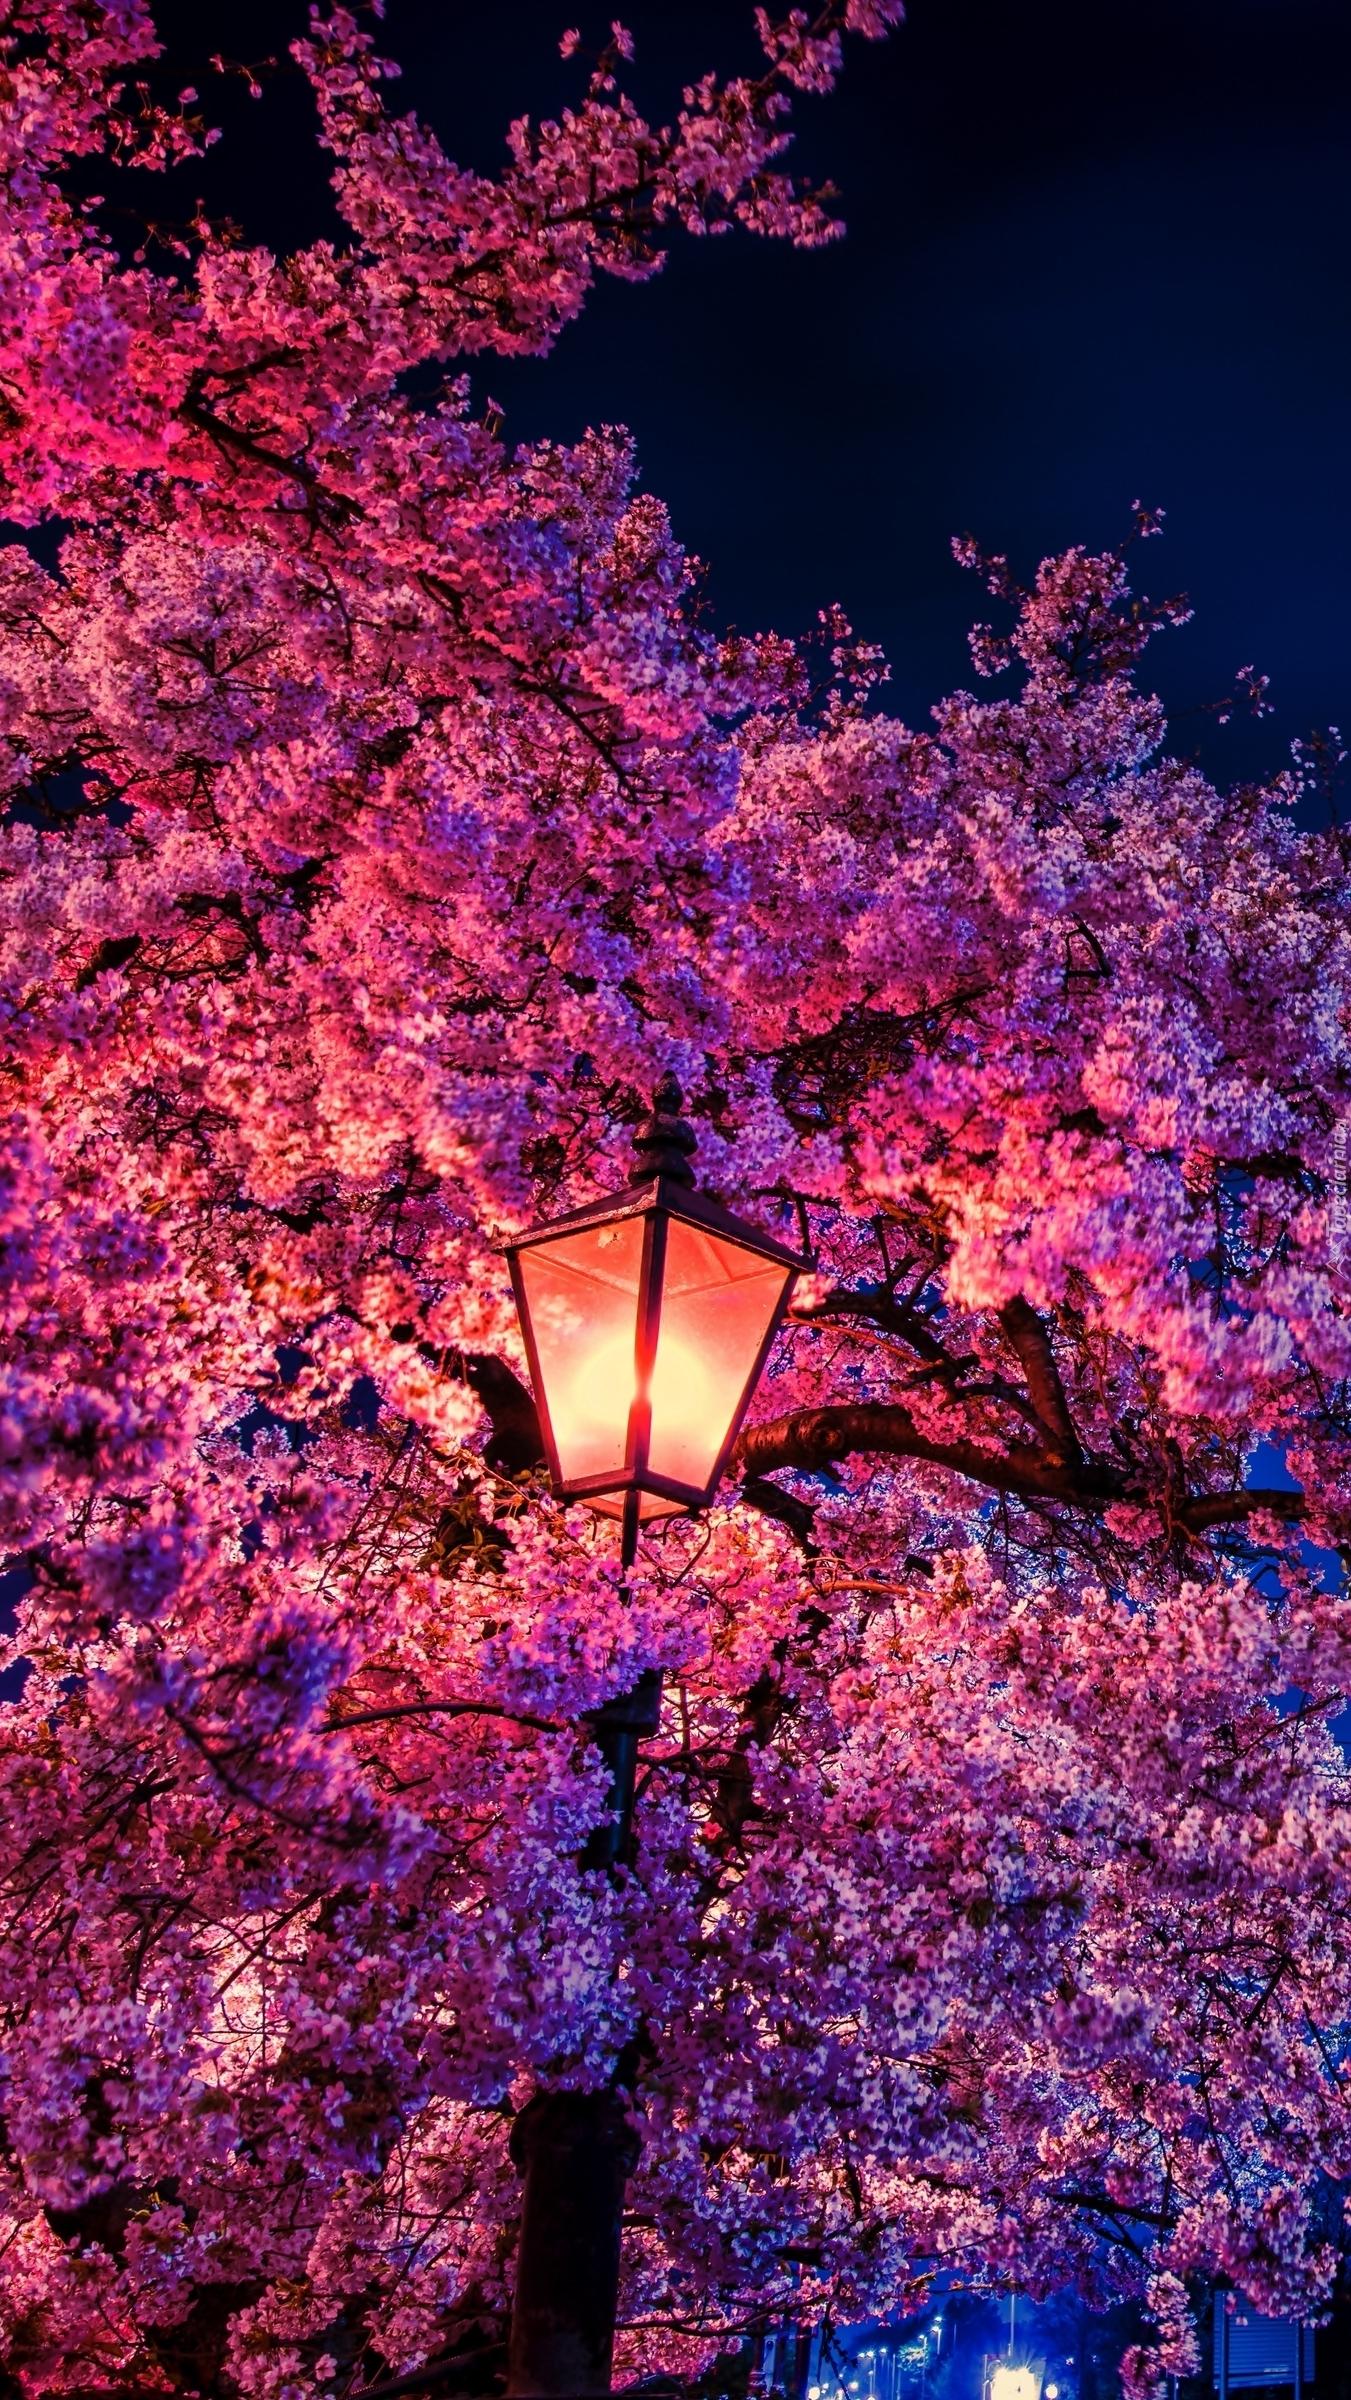 Latarnia na tle kwitnącego drzewa